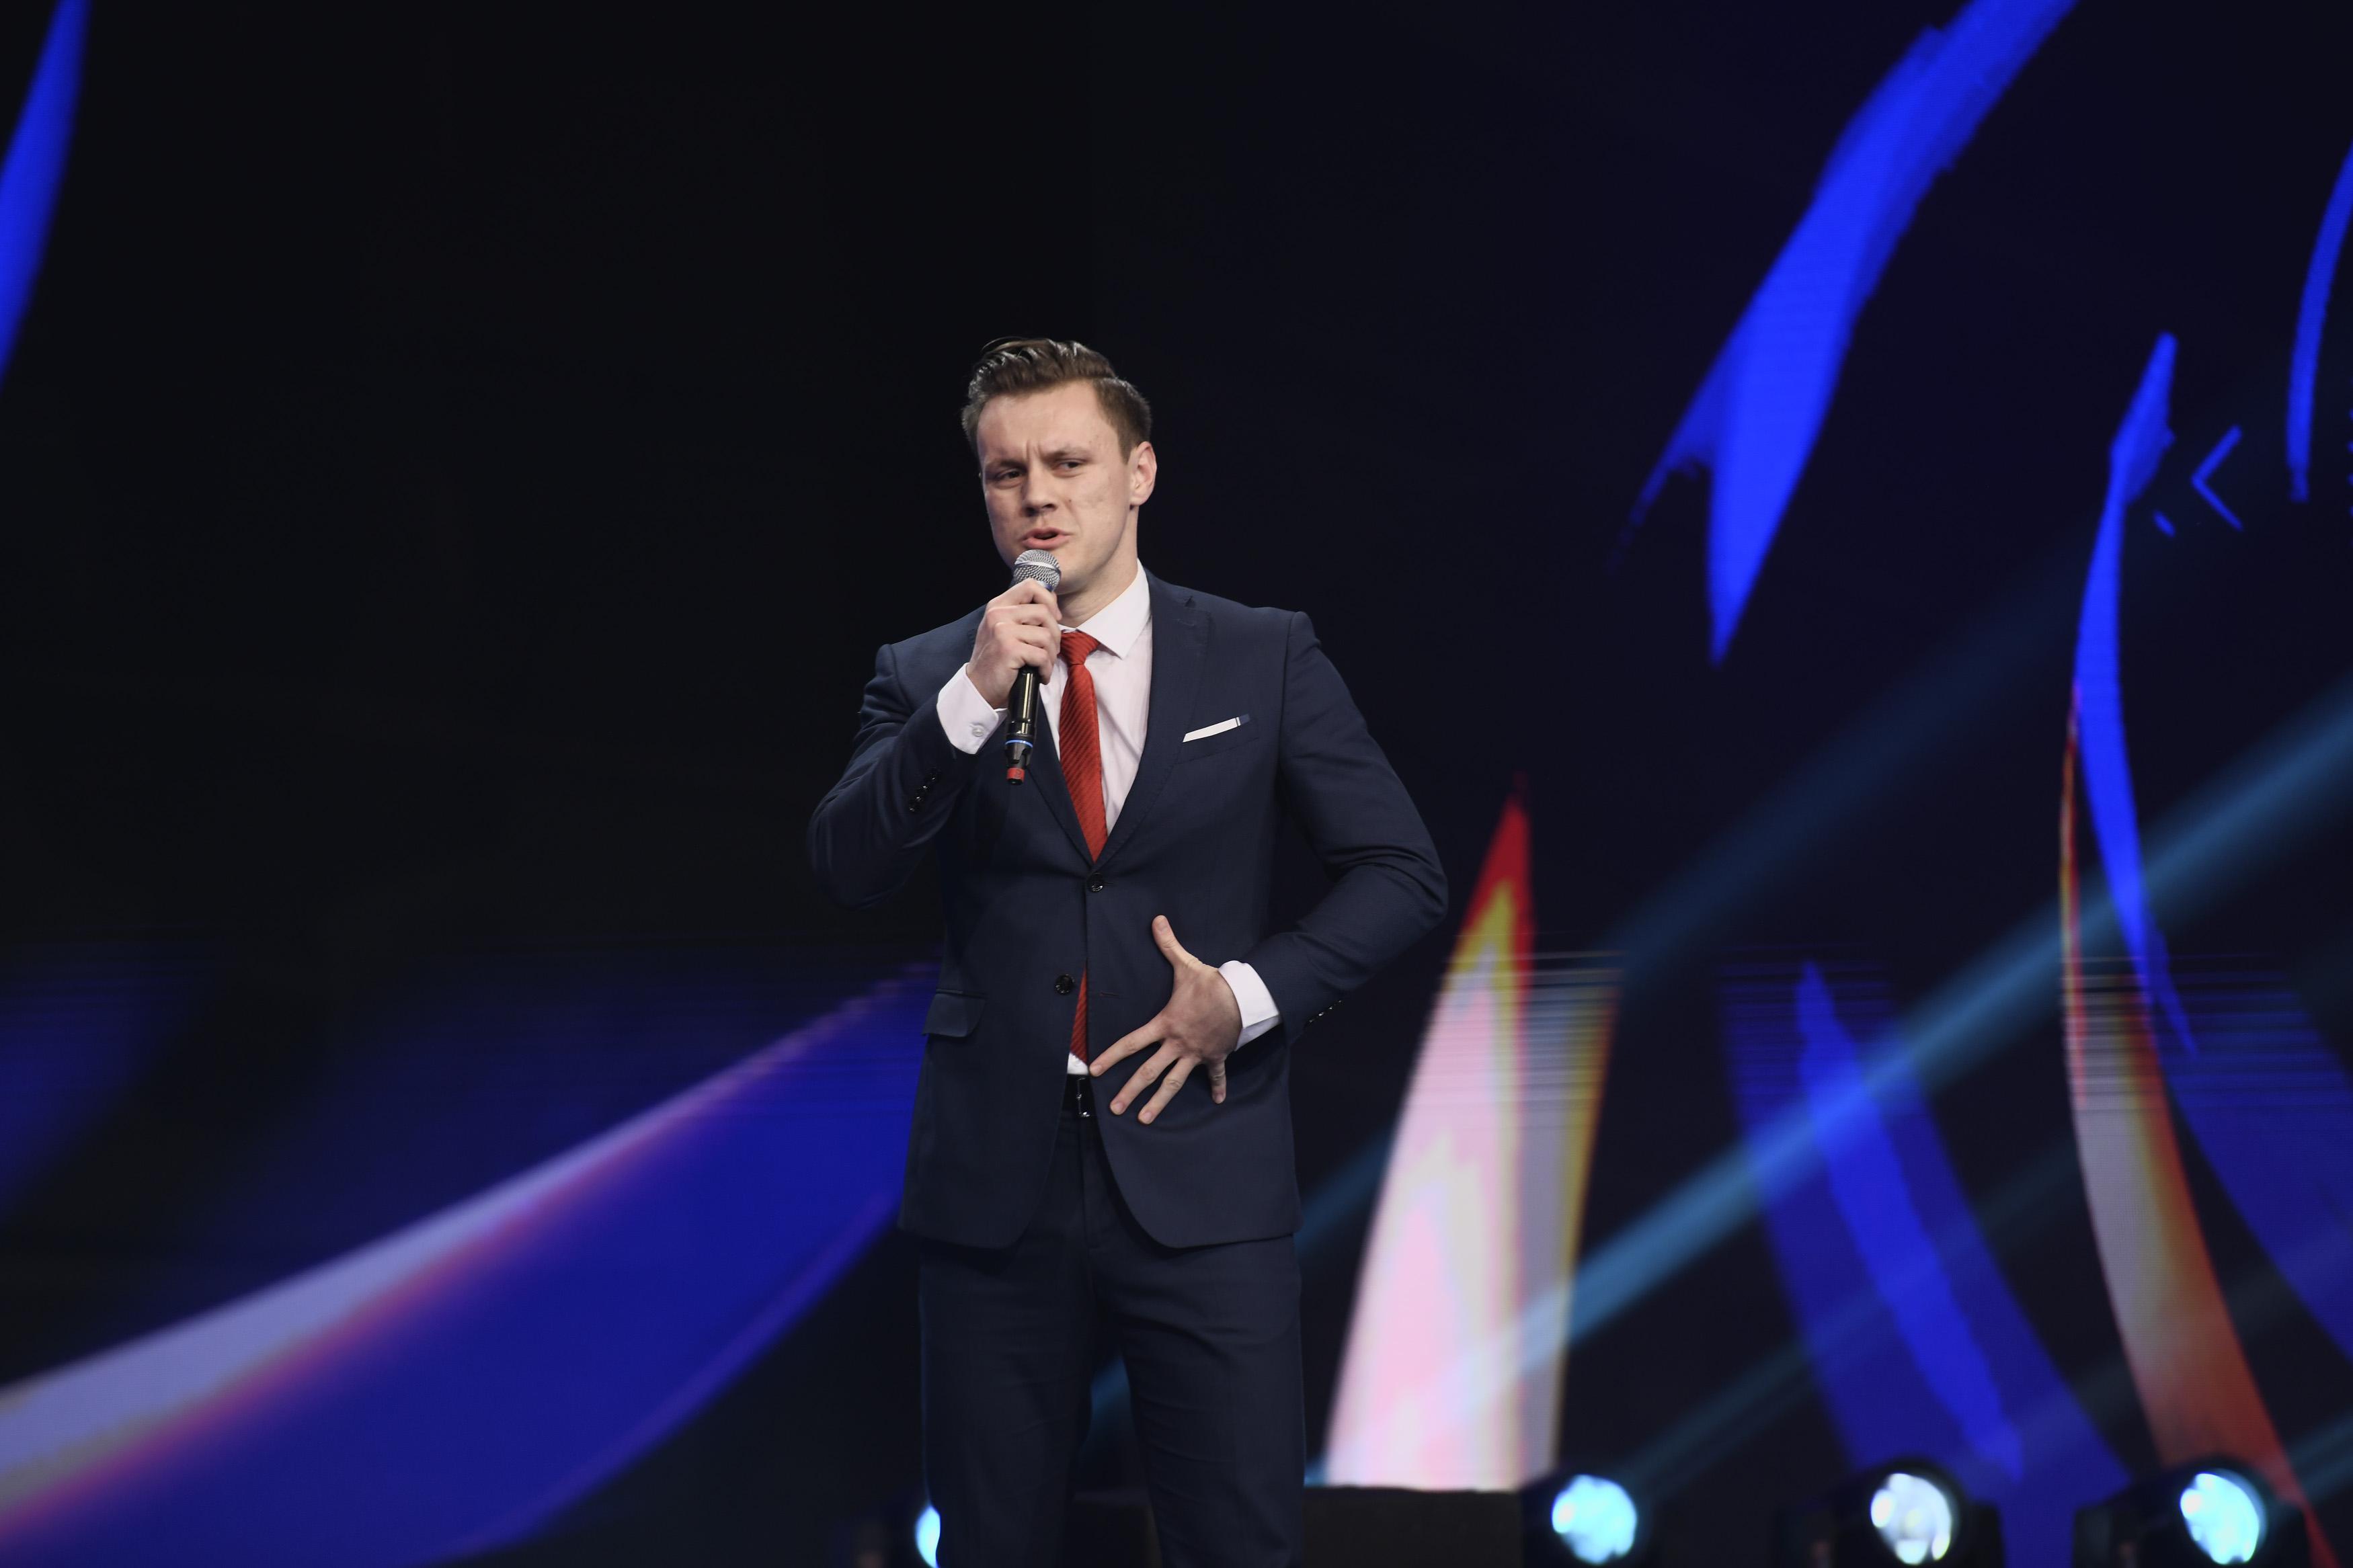 iUmor 2020, Semifinala. Mihai Lucacs a avut o intrare spectaculoasă pe scenă, însă momentul nu a fost pe măsură